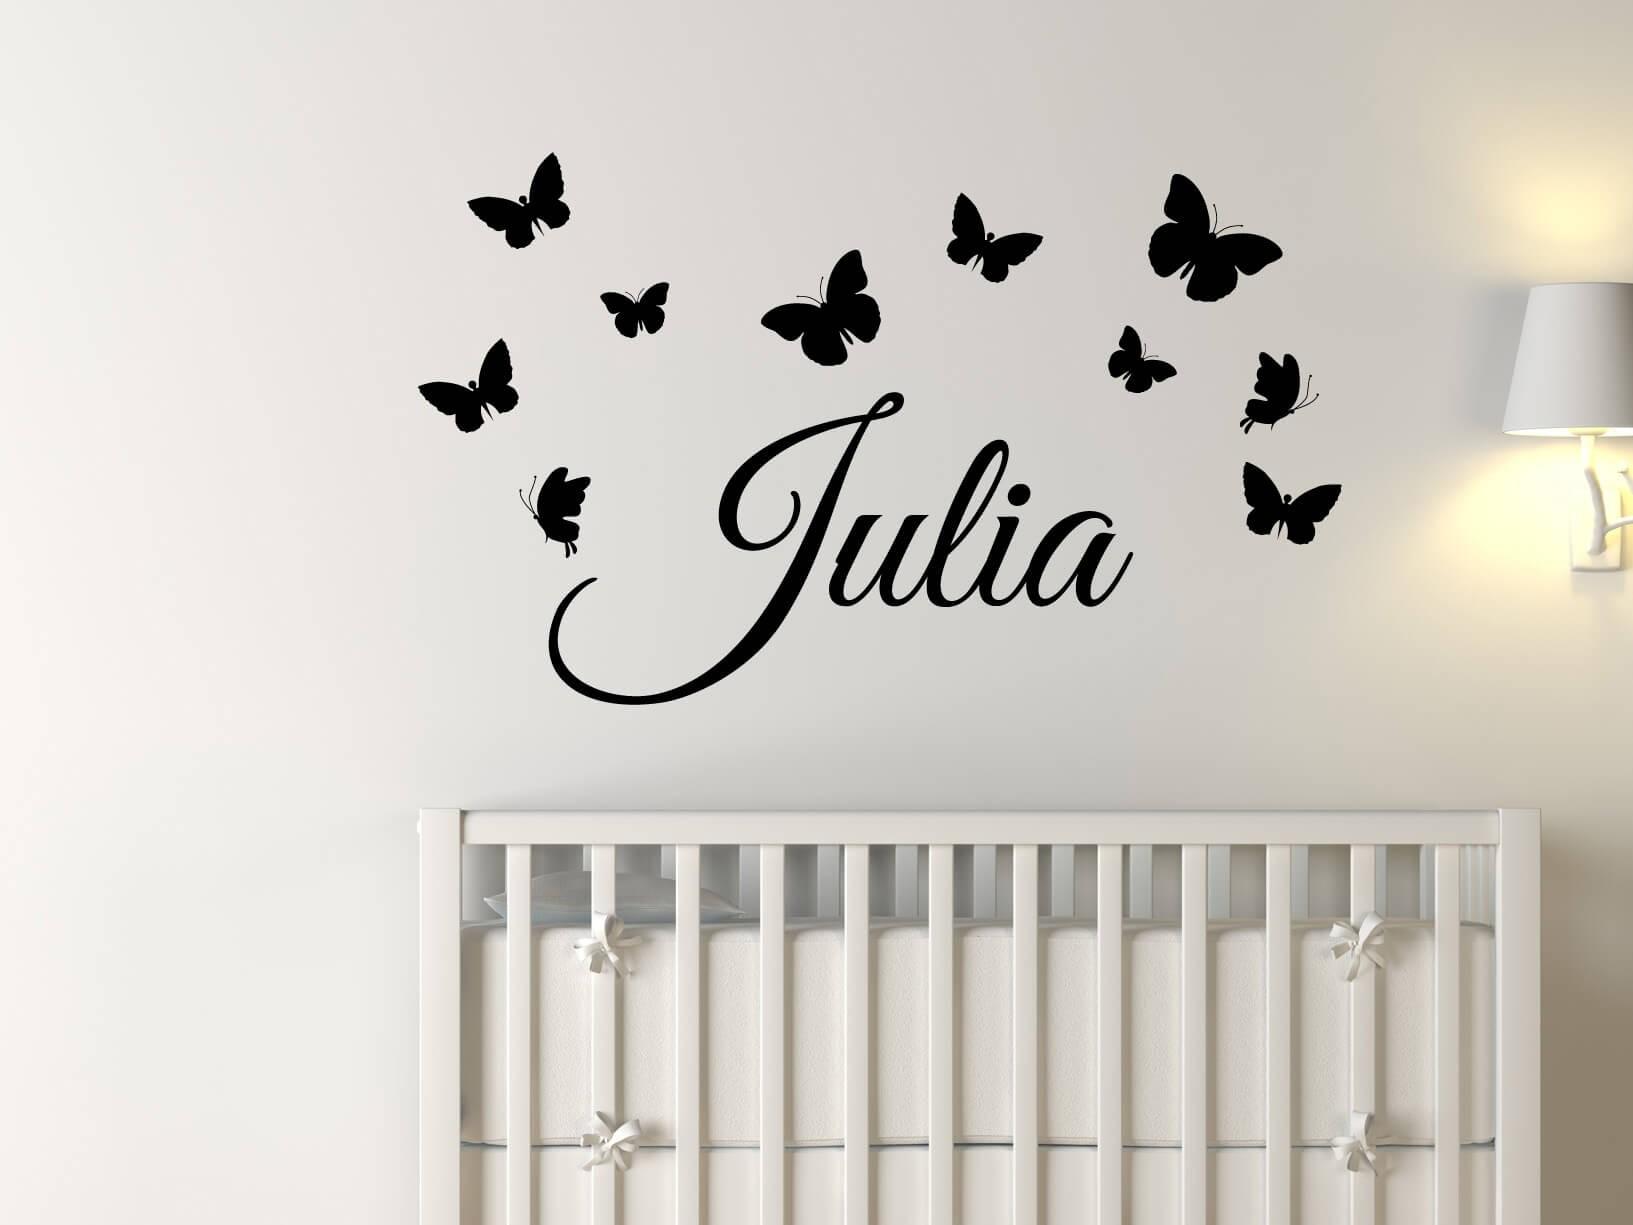 Muursticker eigen naam met vlinders kinderkamer muurstickers for Muurdecoratie babykamer